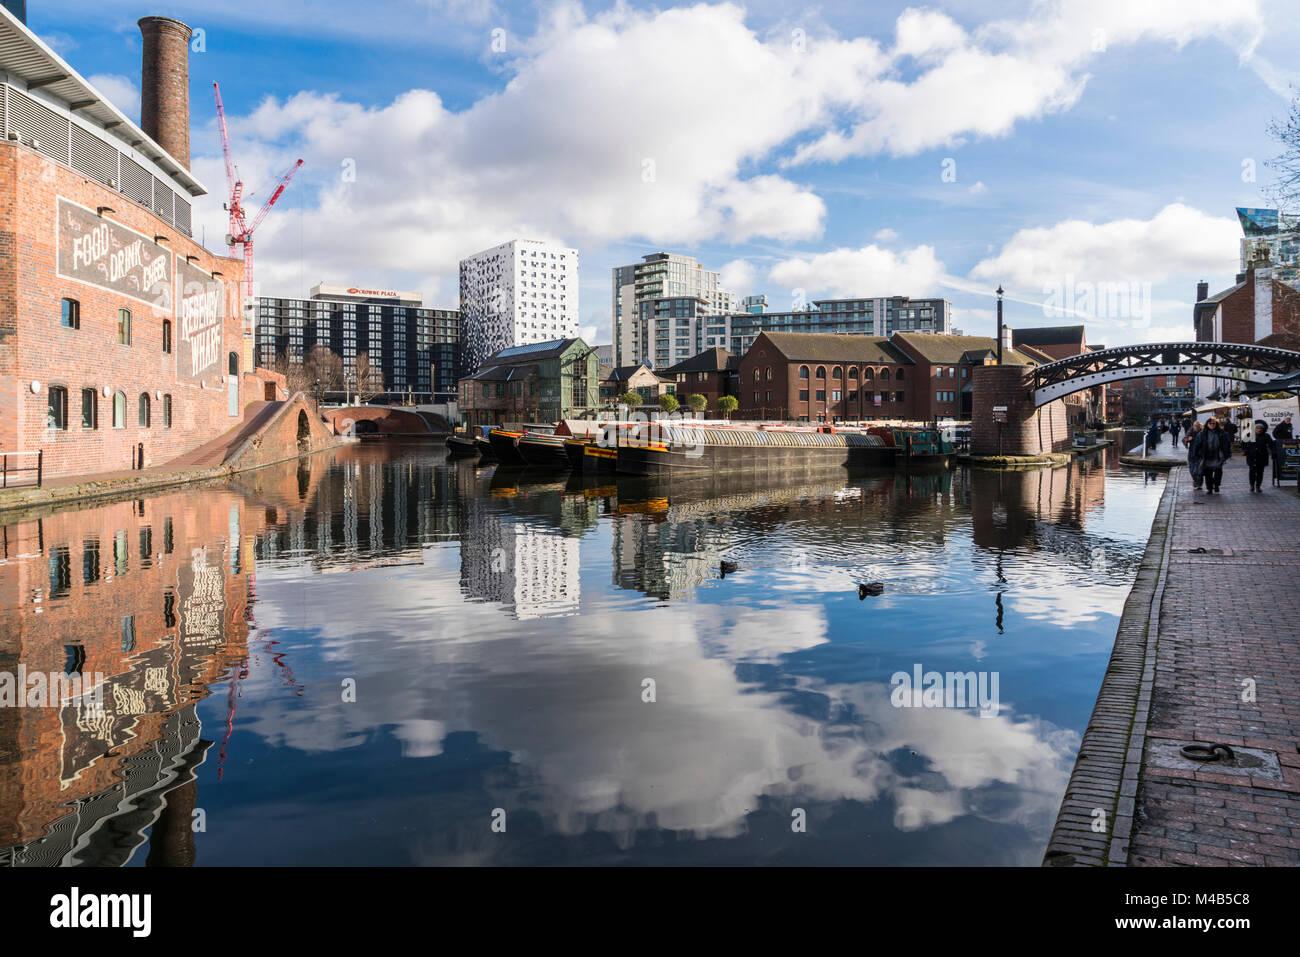 Une vue sur le canal avec les réflexions de personnes et de bâtiments à Brindley Place Birmingham, Photo Stock